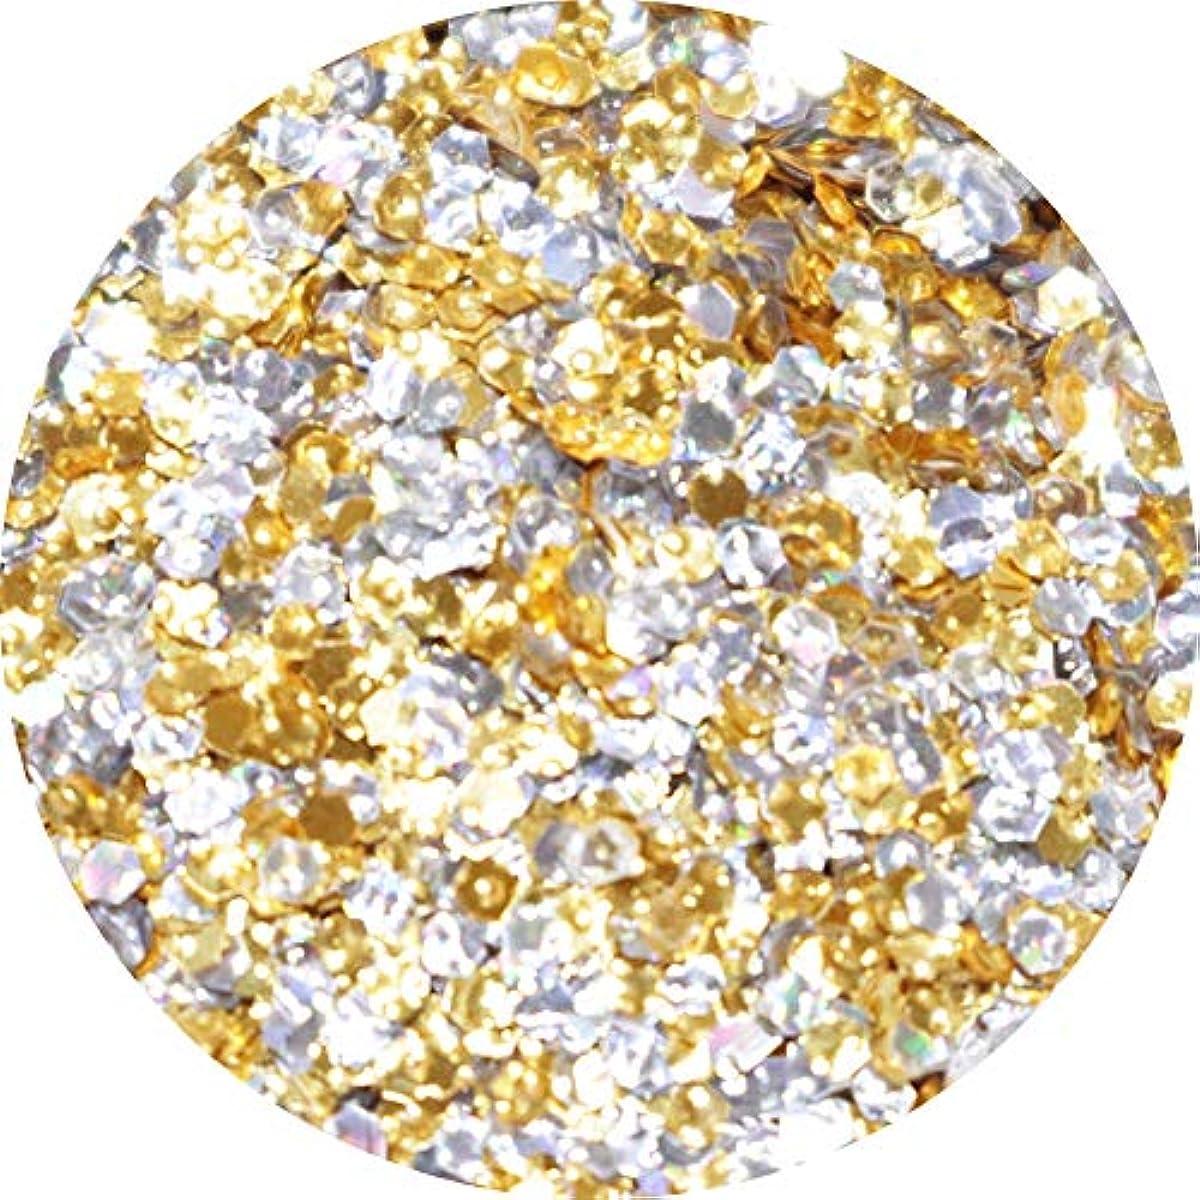 ファイルチャールズキージングアクロバットMATIERE エンボスホログラム ゴールド×シルバー